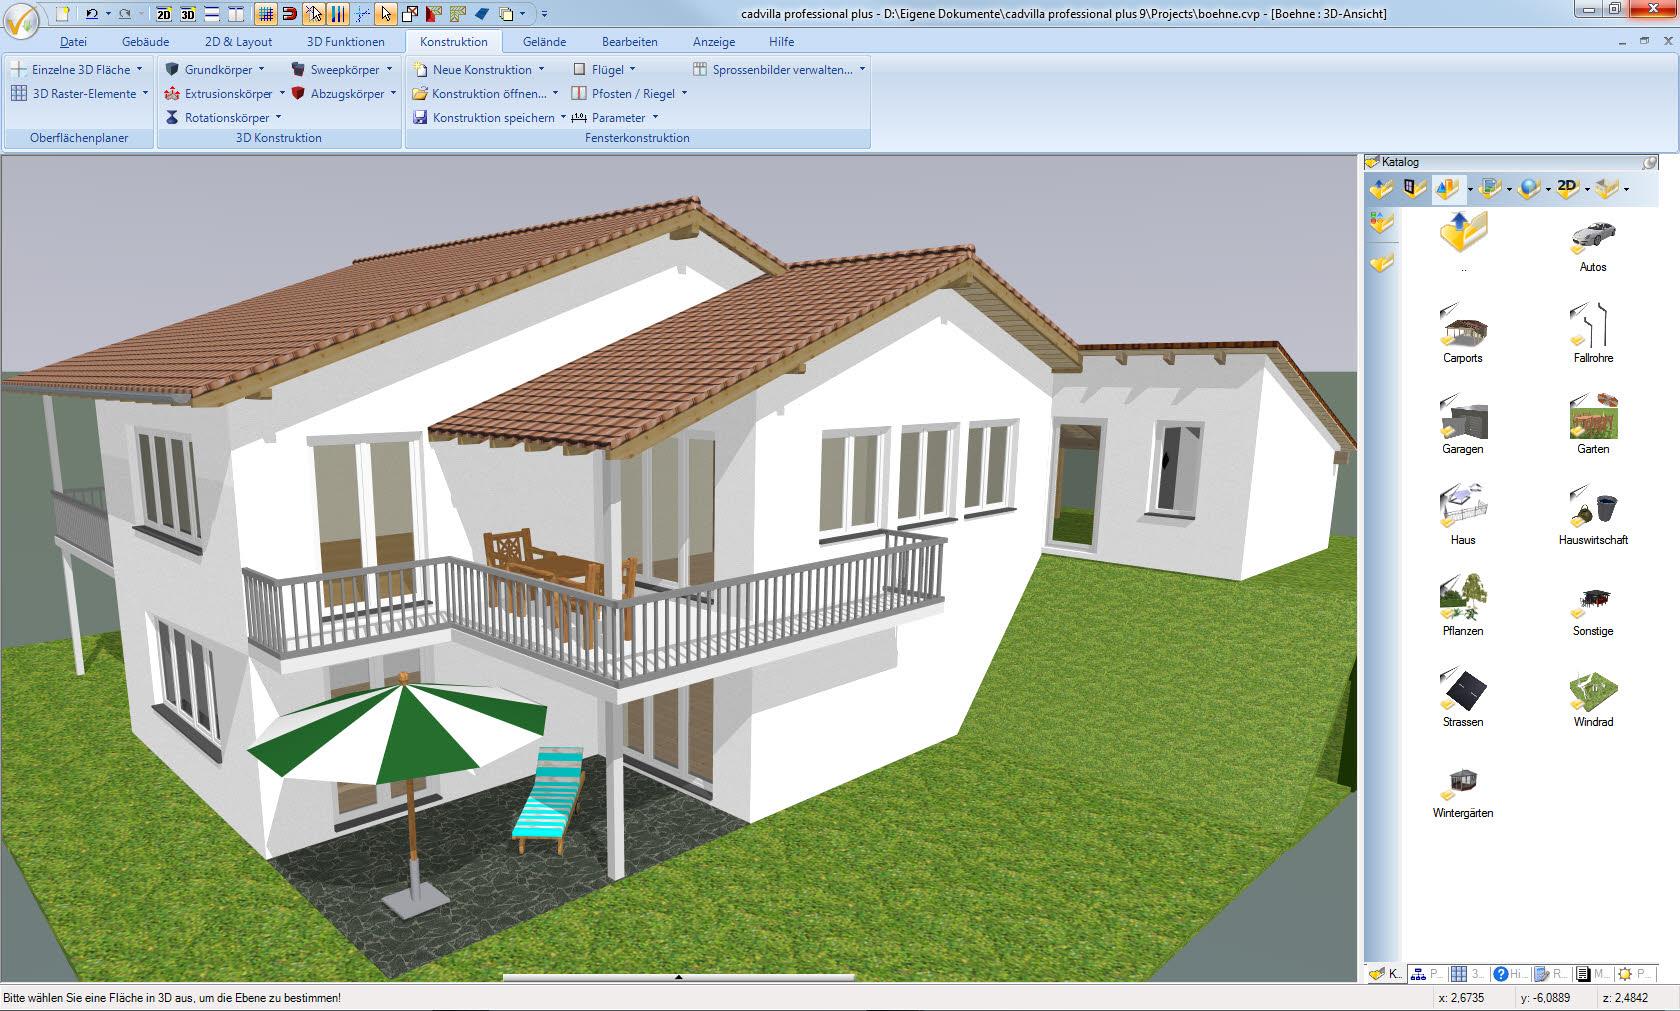 Darstellung des gesamten Projekts in einer 3D Ansicht